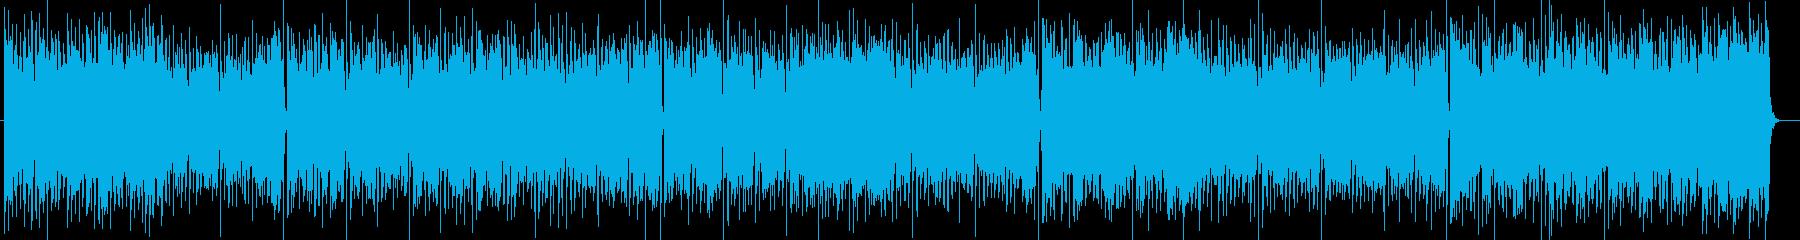 疾走感のあるシンセサイザーポップの再生済みの波形